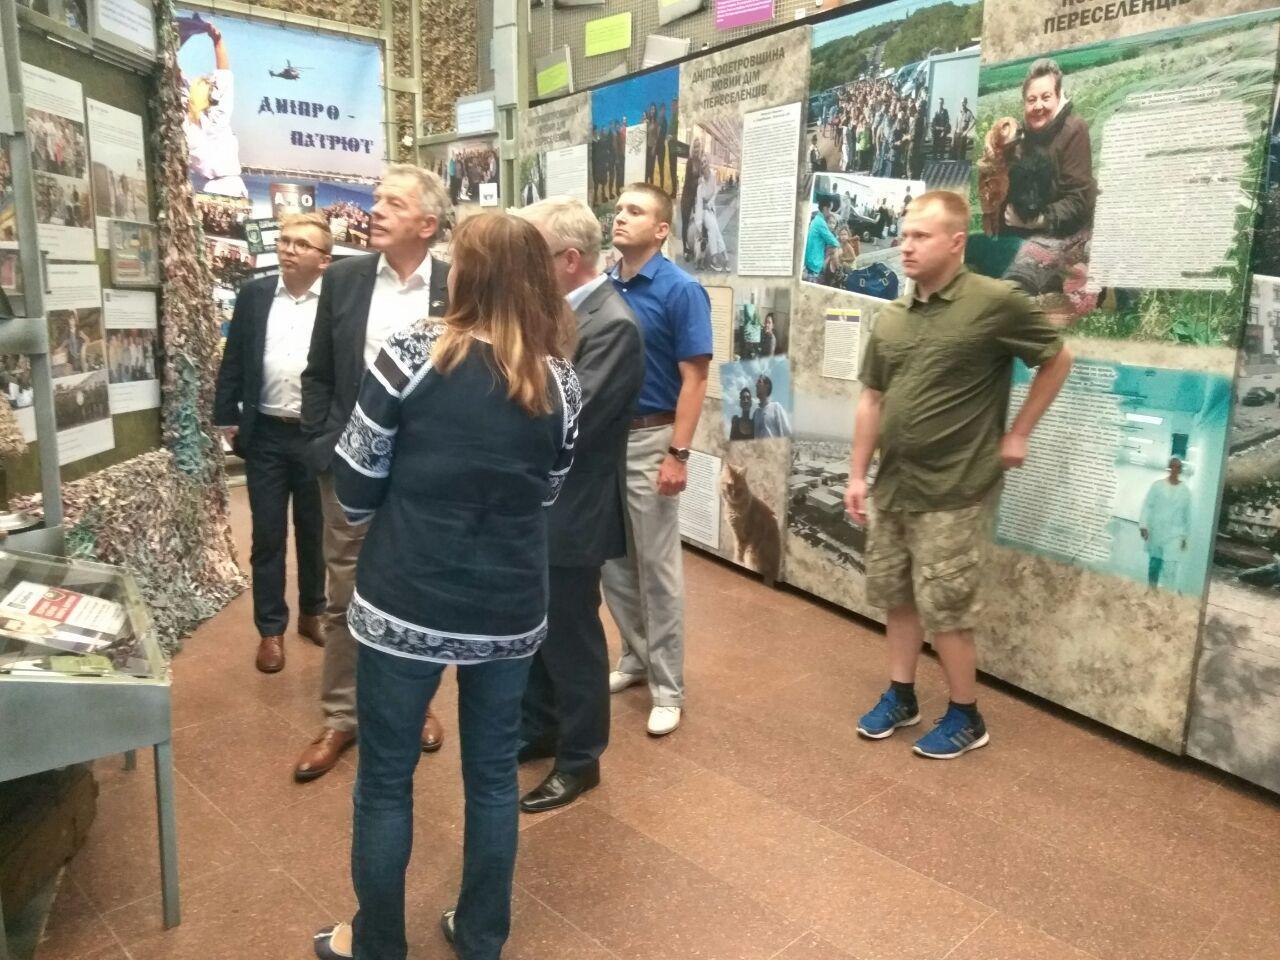 Депутаты Европарламента прибыли в Украину для ознакомления с ситуацией в зоне боевых действий на востоке страны